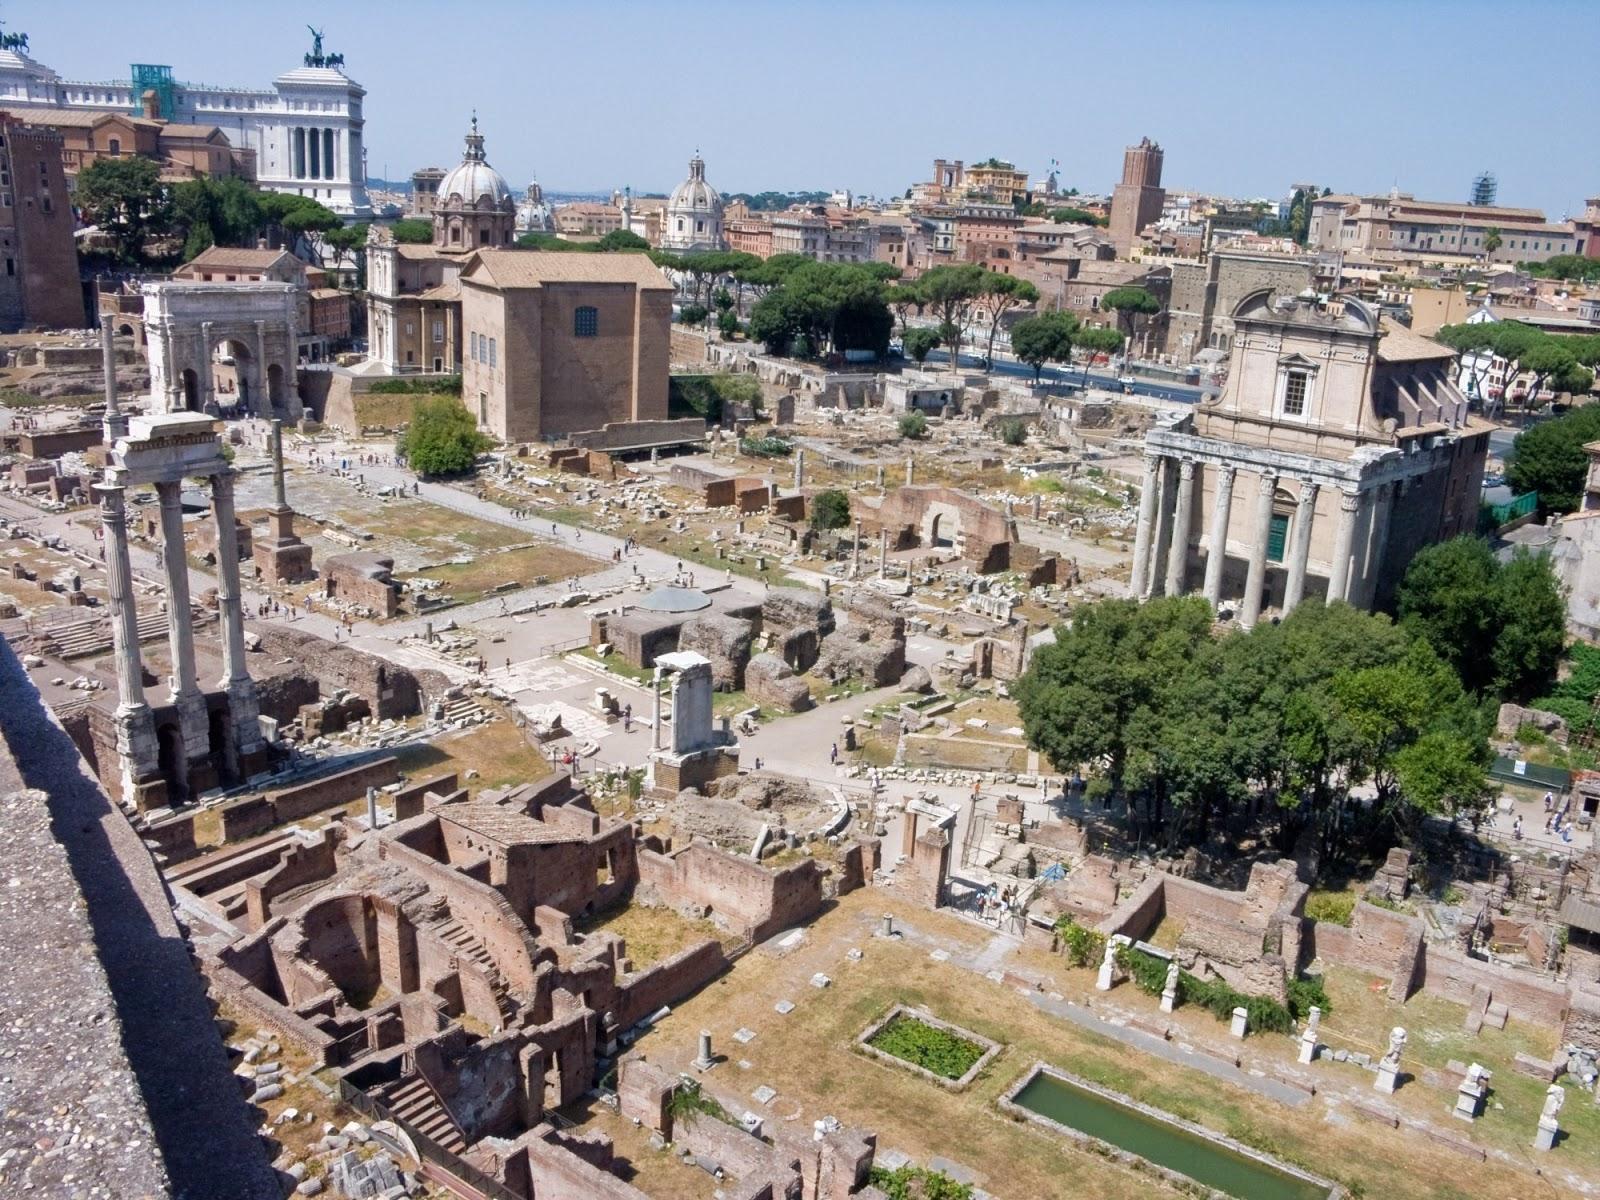 http://3.bp.blogspot.com/_Q2AG-fj5Wbc/TT0bu4LGCvI/AAAAAAAAAIE/FL5zSzbdV1Y/s1600/the-pomerium-of-rome.jpg